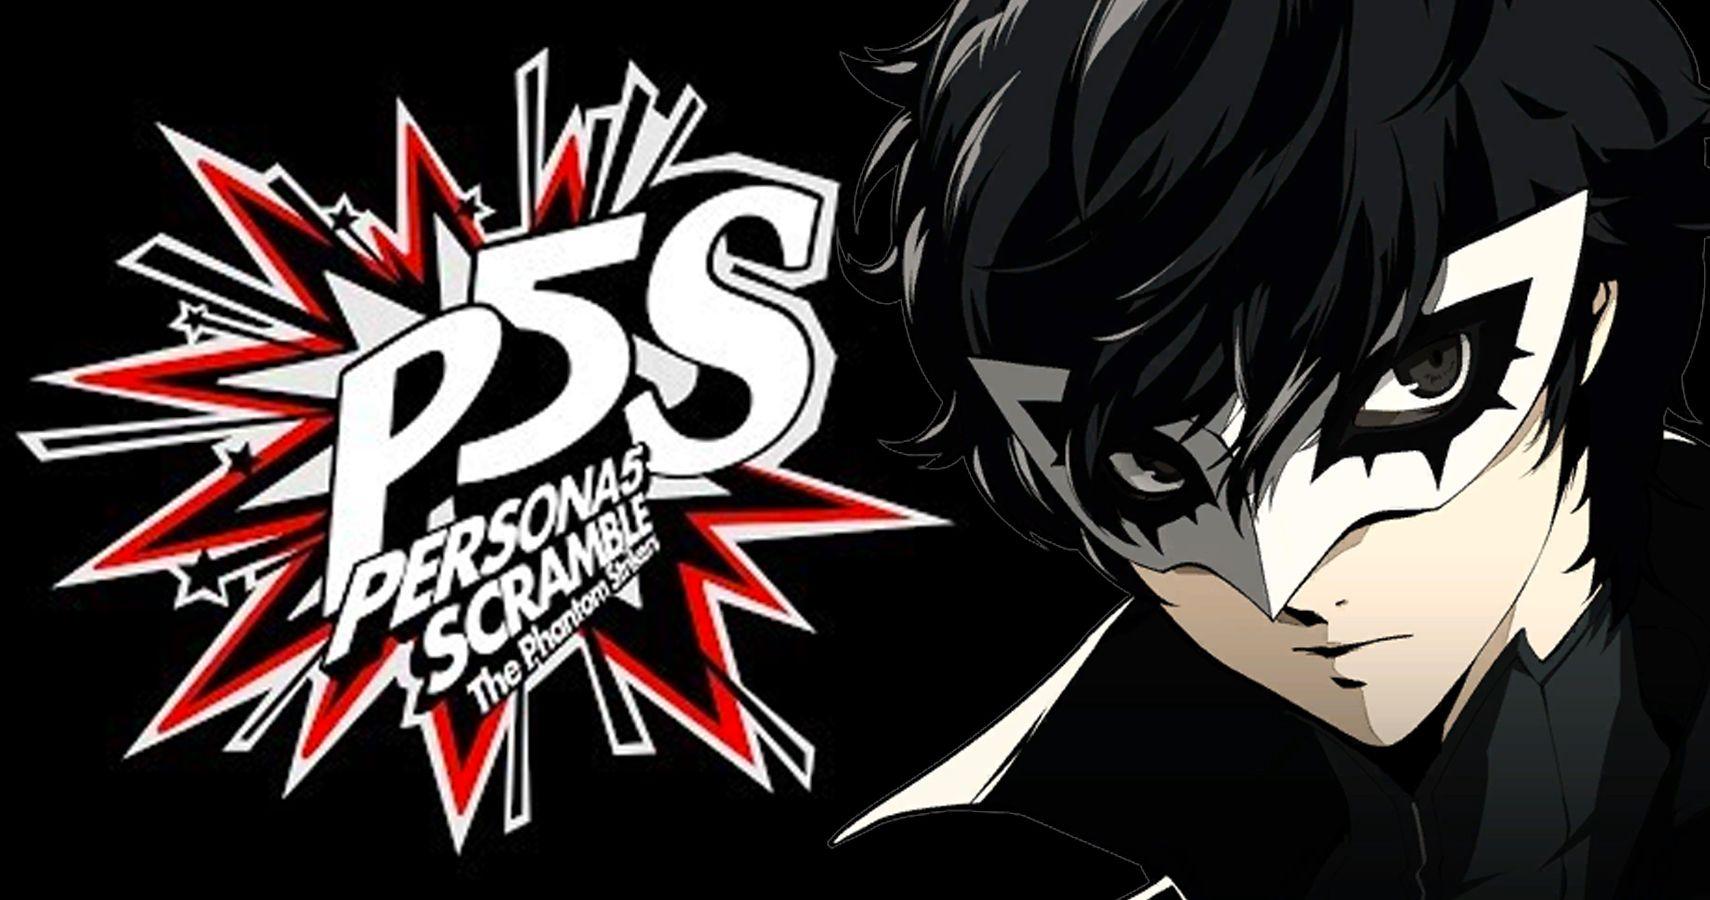 Persona 5 Scramble -- Ahora juego de accion estilo Musou - 20 de Febrero Persona-5-Scramble-The-Phantom-Strikers-and-Joker